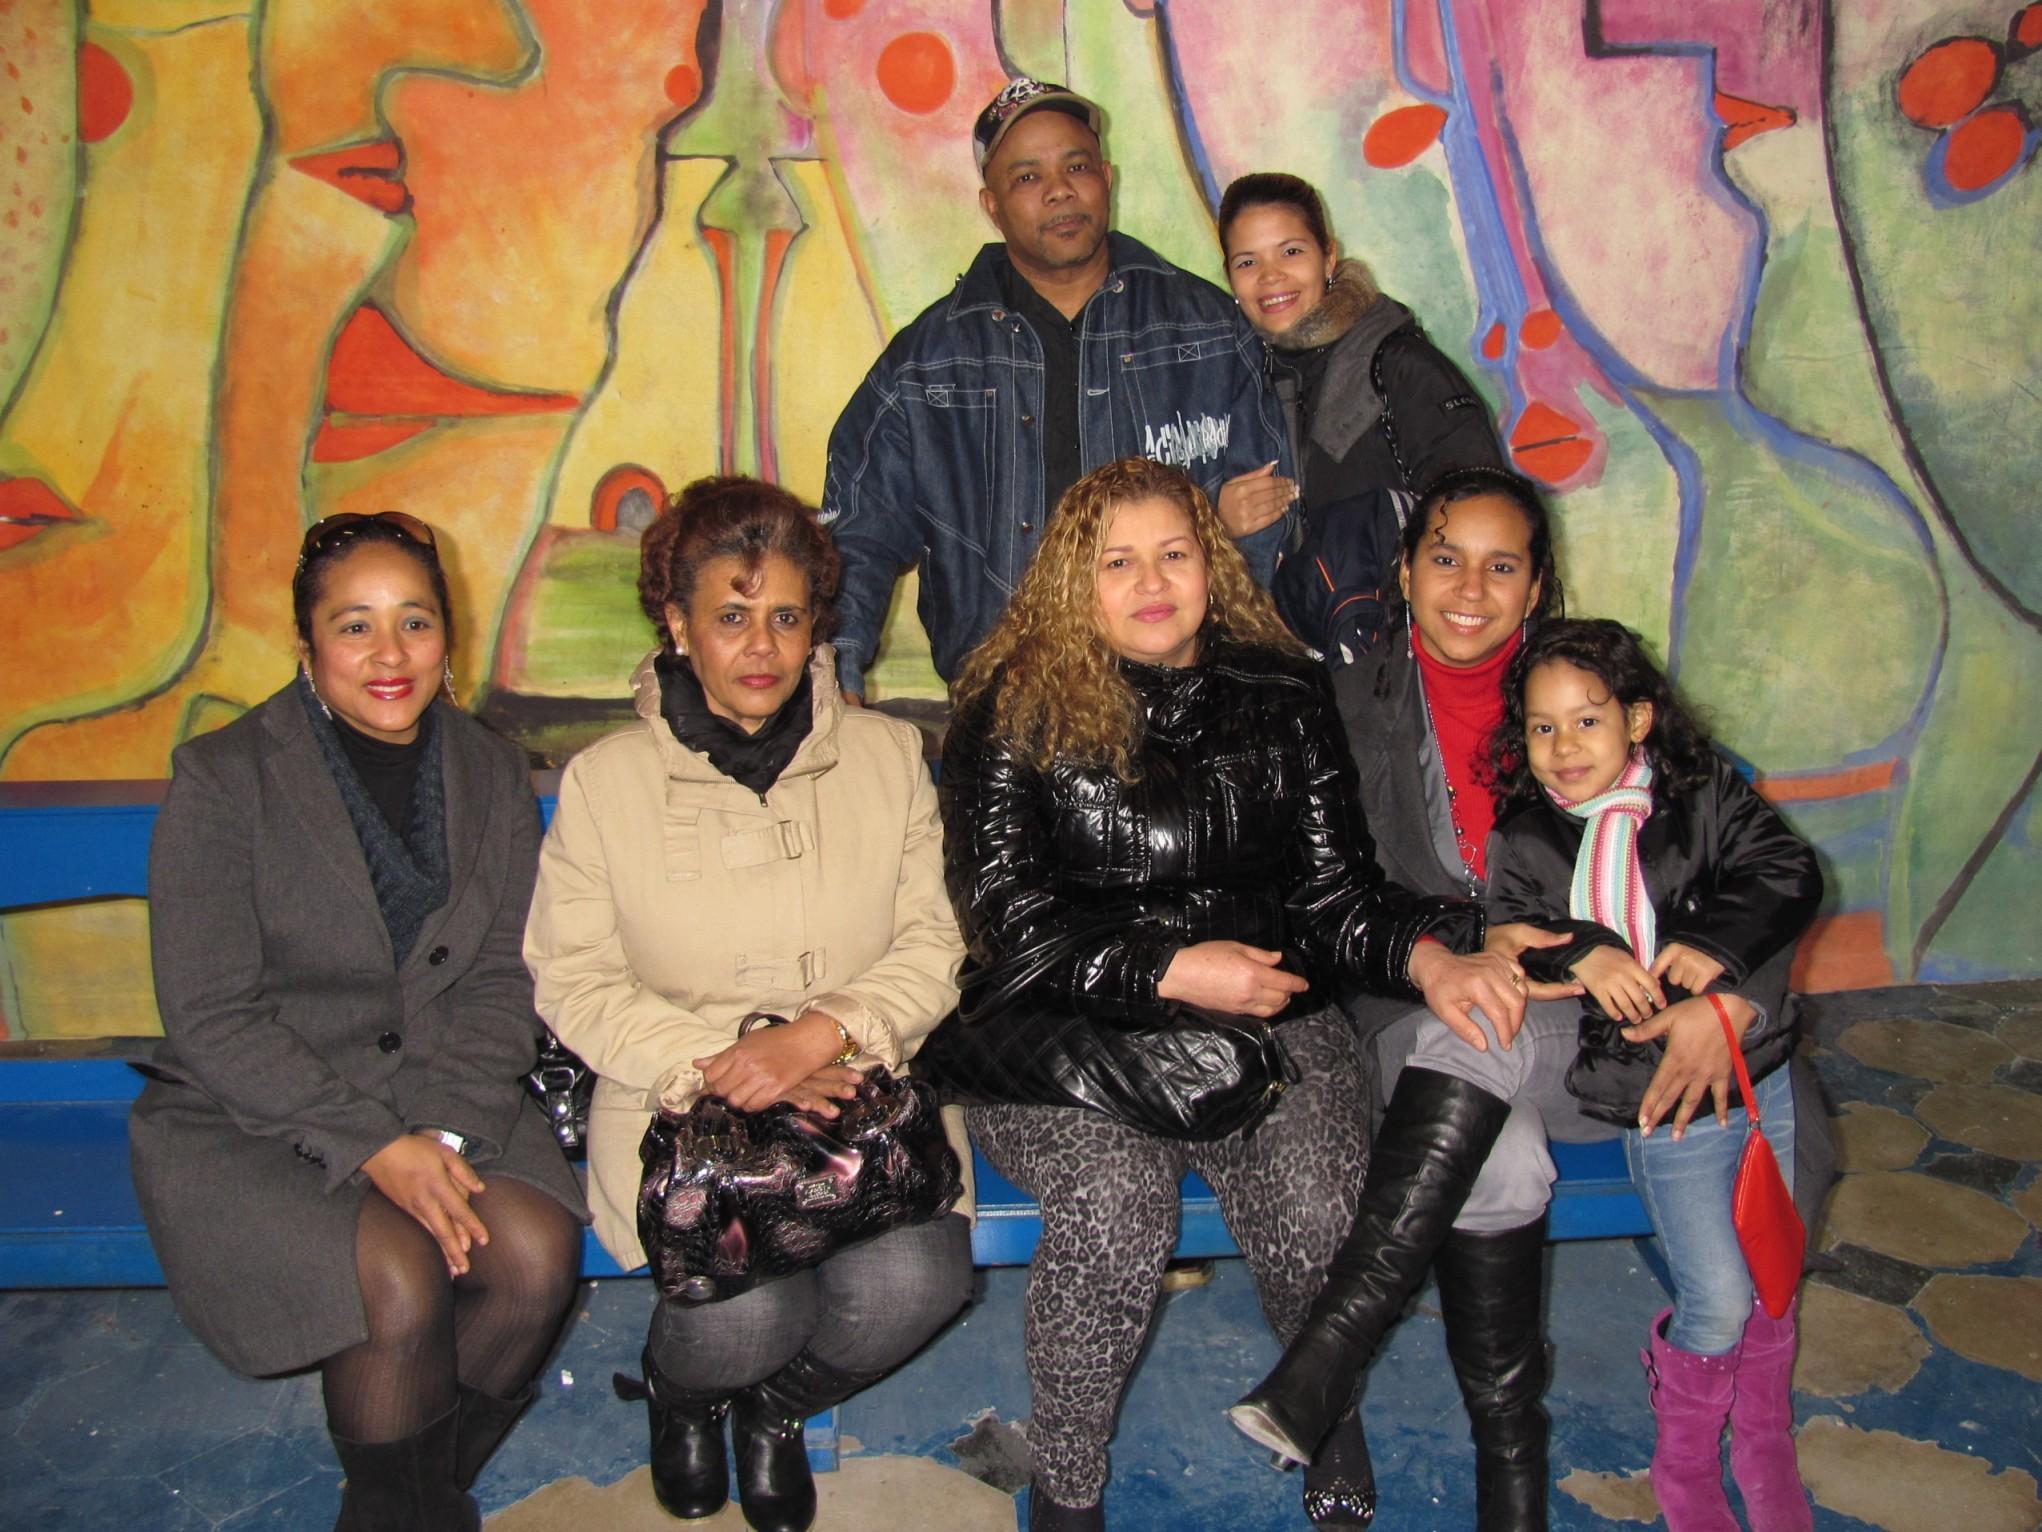 dominicani_indipendenza_2012-02-26-18-54-54